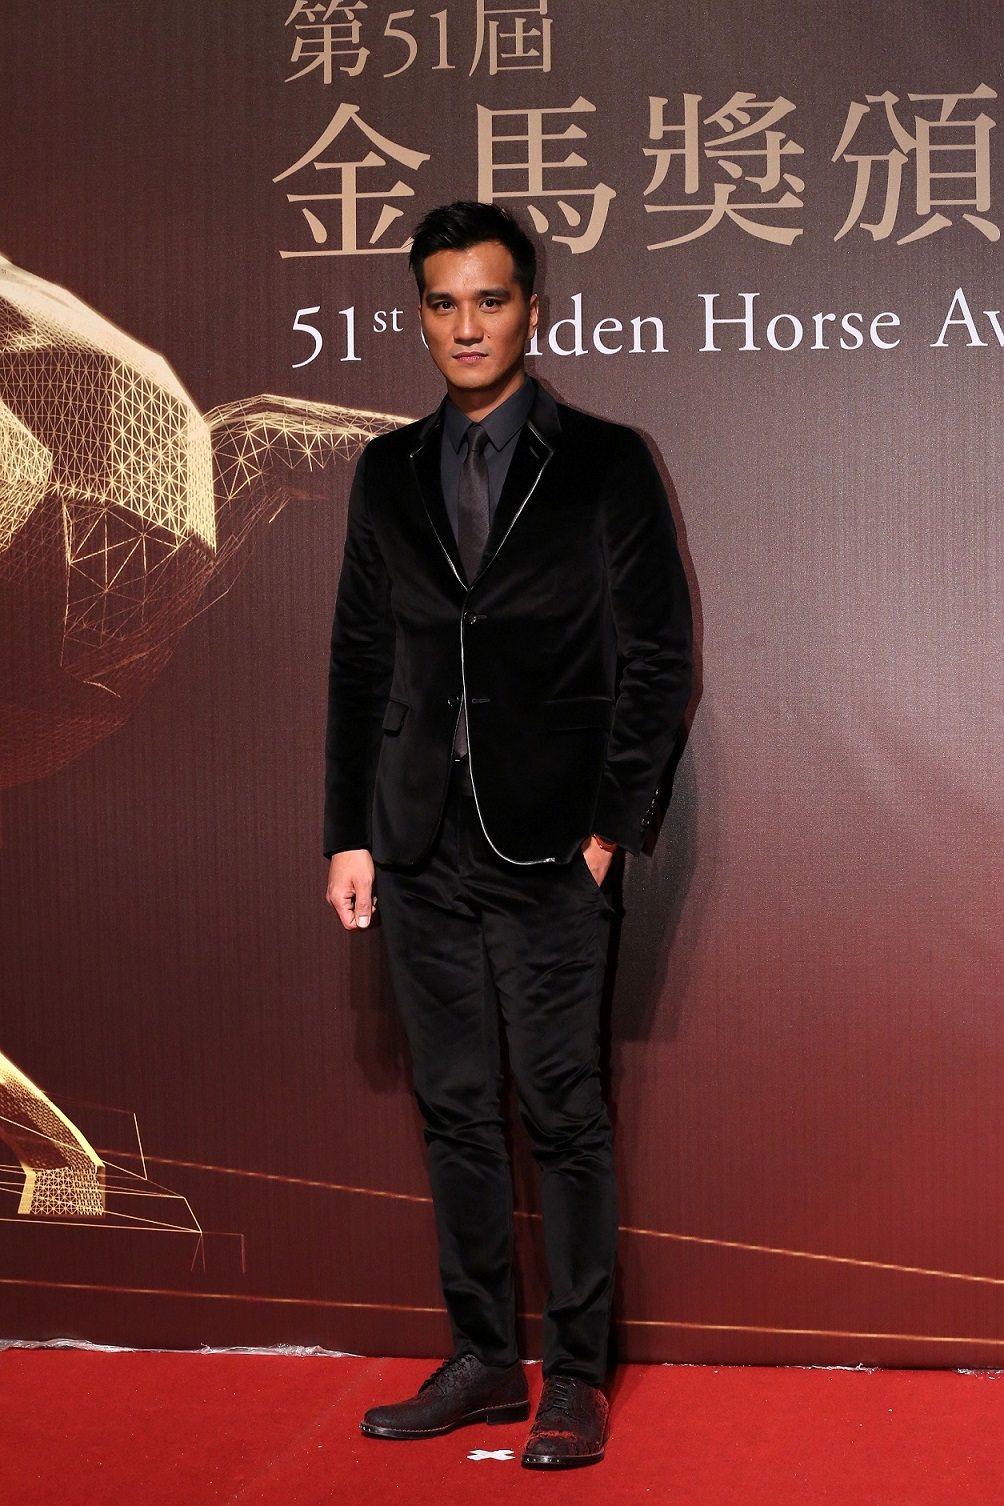 配戴伯爵腕錶的馬志翔當年以《KANO》獲「第51屆金馬獎」費比西獎。圖/伯爵提供